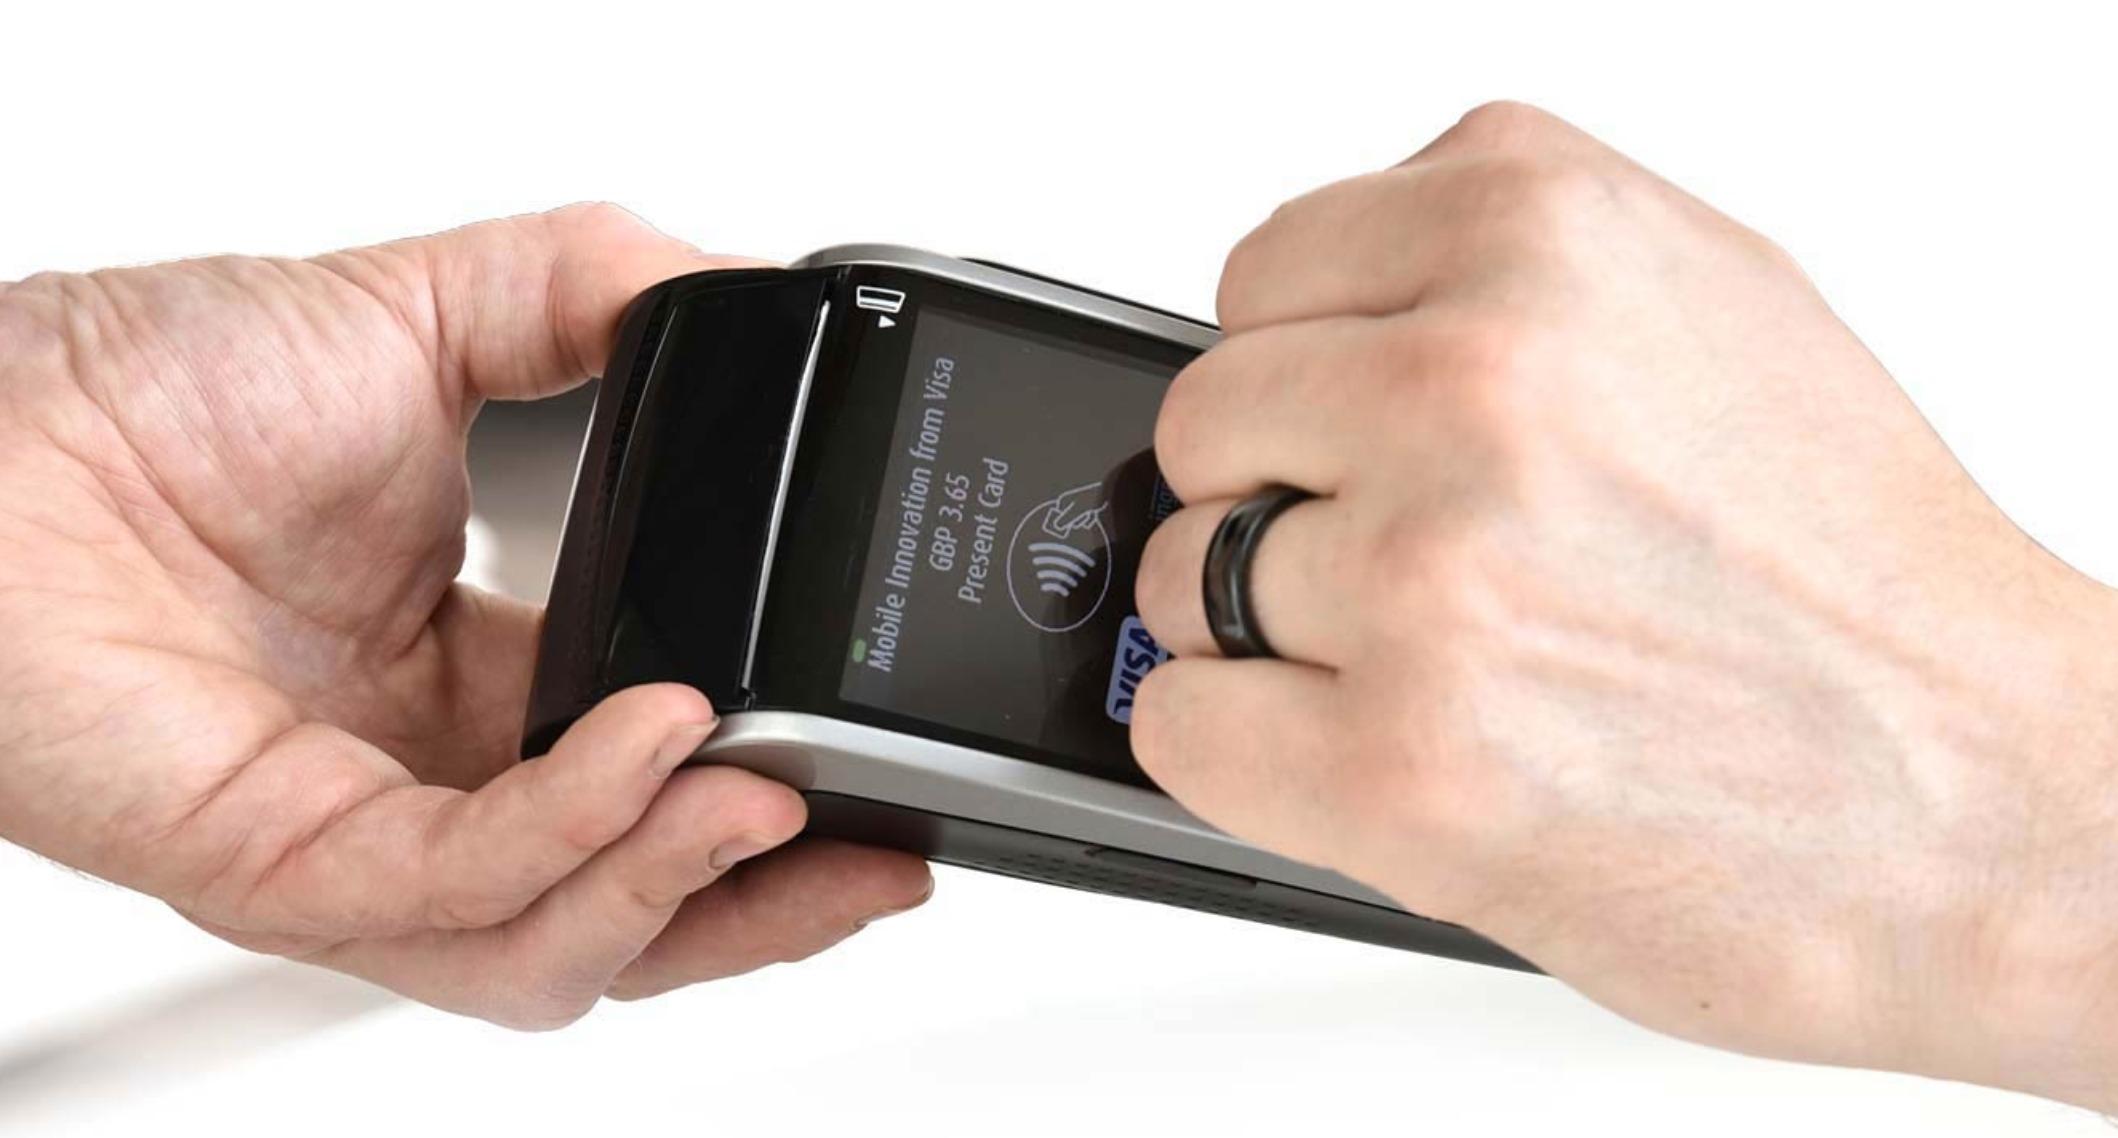 【これは便利!】指輪で決済や鍵の解錠が可能な「エブリング」価格・予約方法も紹介